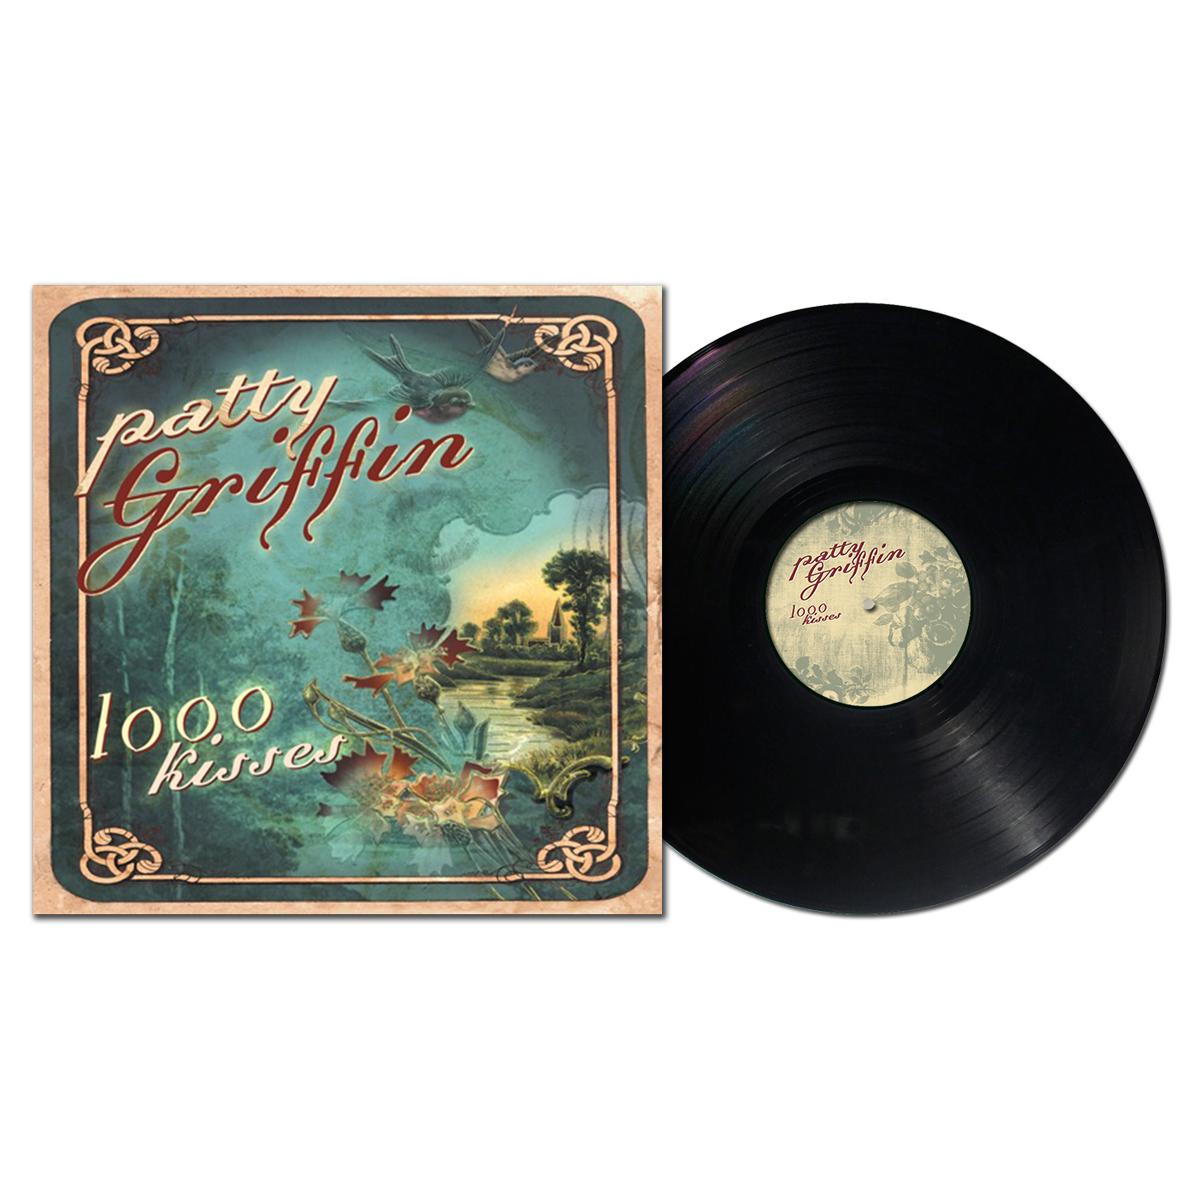 Patty Griffin – 1,000 Kisses LP